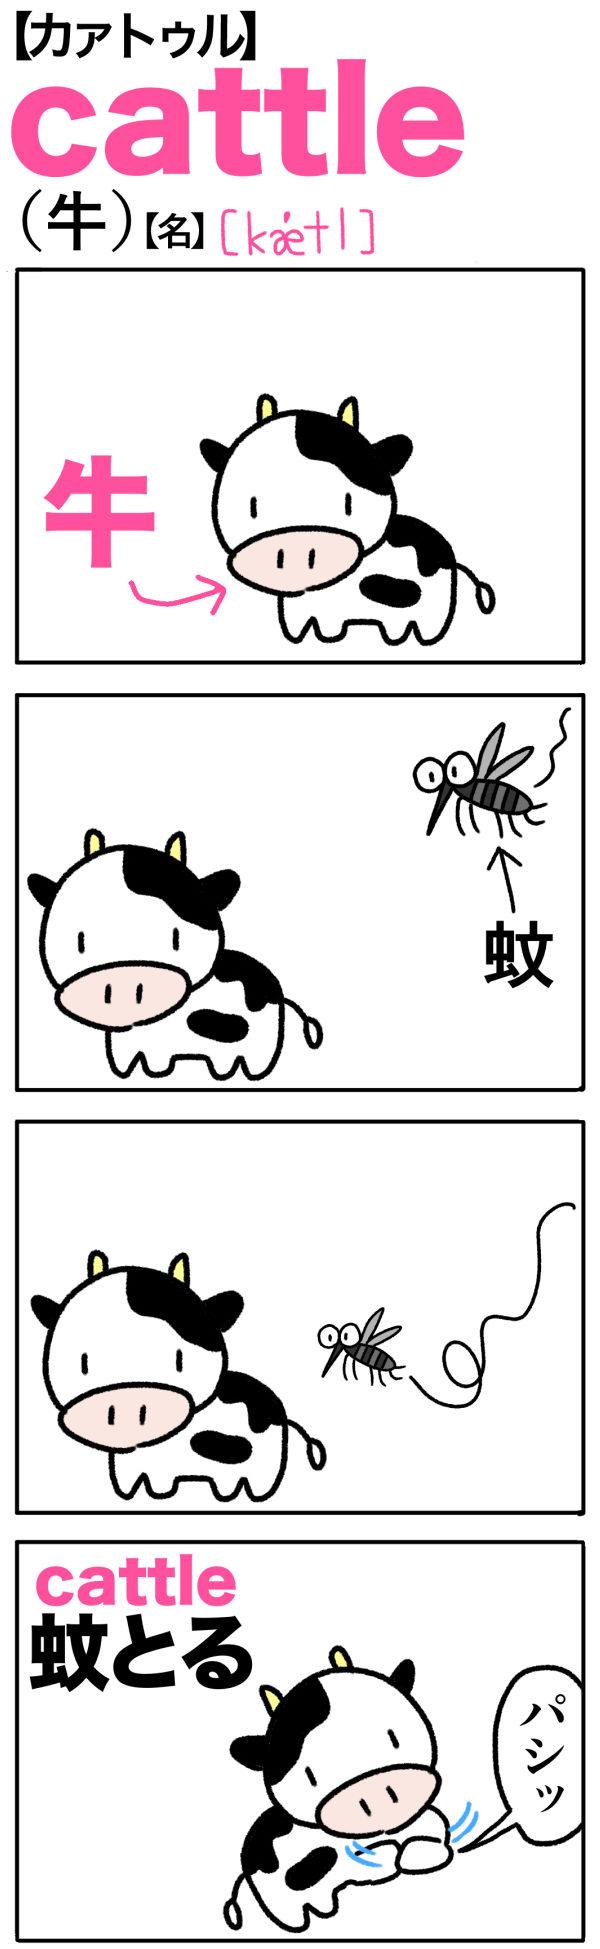 cattle(牛)の語呂合わせ英単語